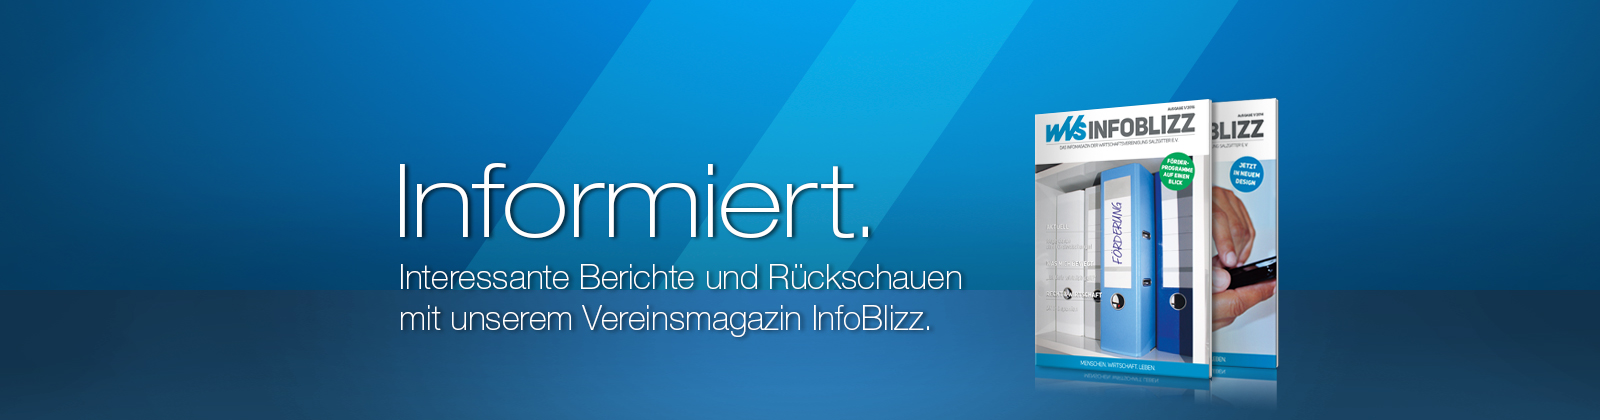 Berichte und Rückschauen mit dem Vereinsmagazin InfoBlizz